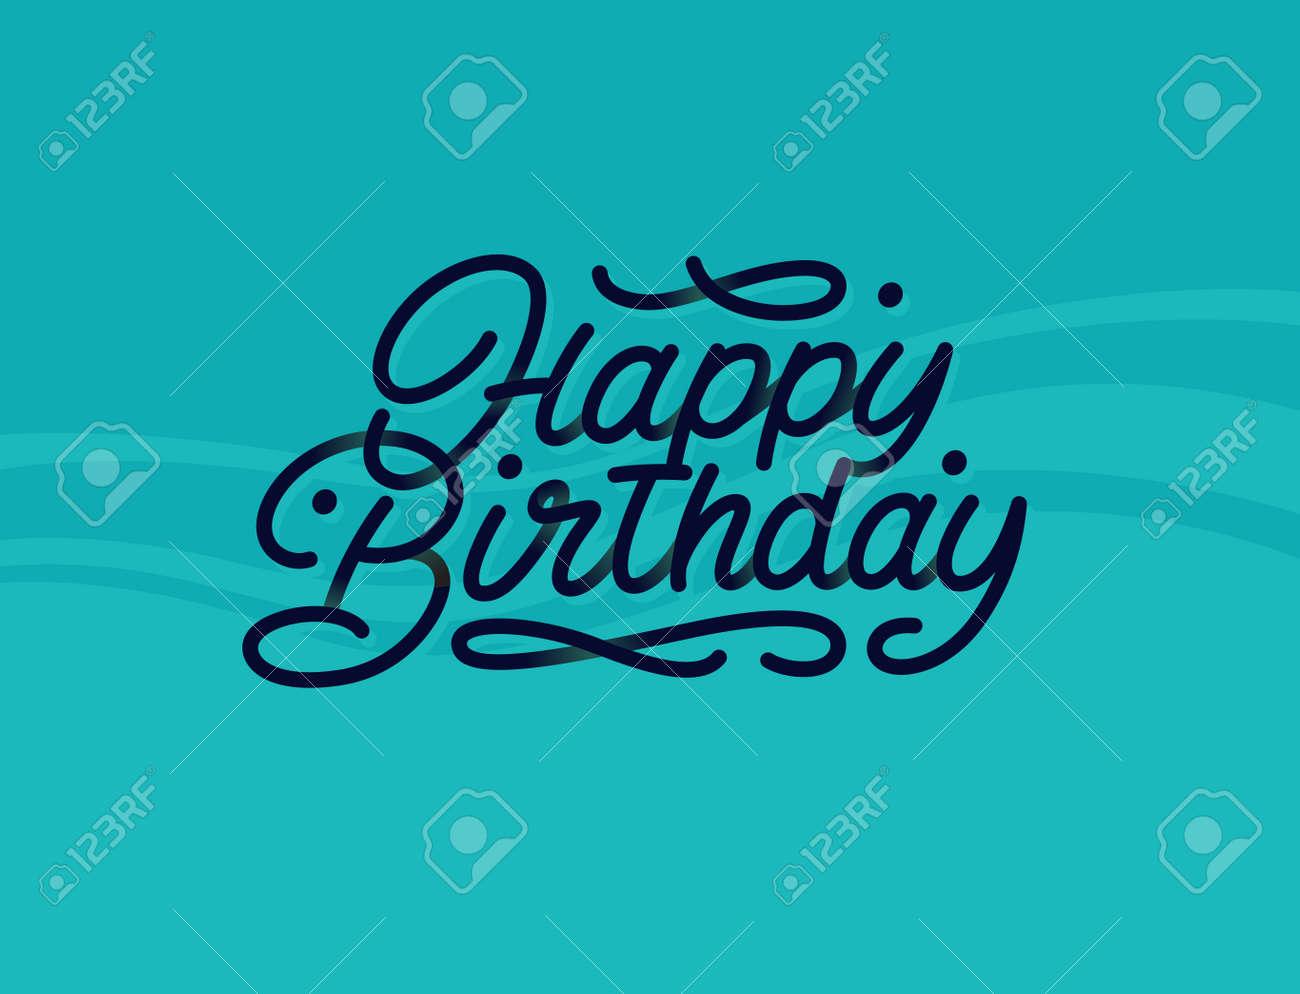 Alles Gute Zum Geburtstag Premium Schriftzug Mit Schönen Schatten